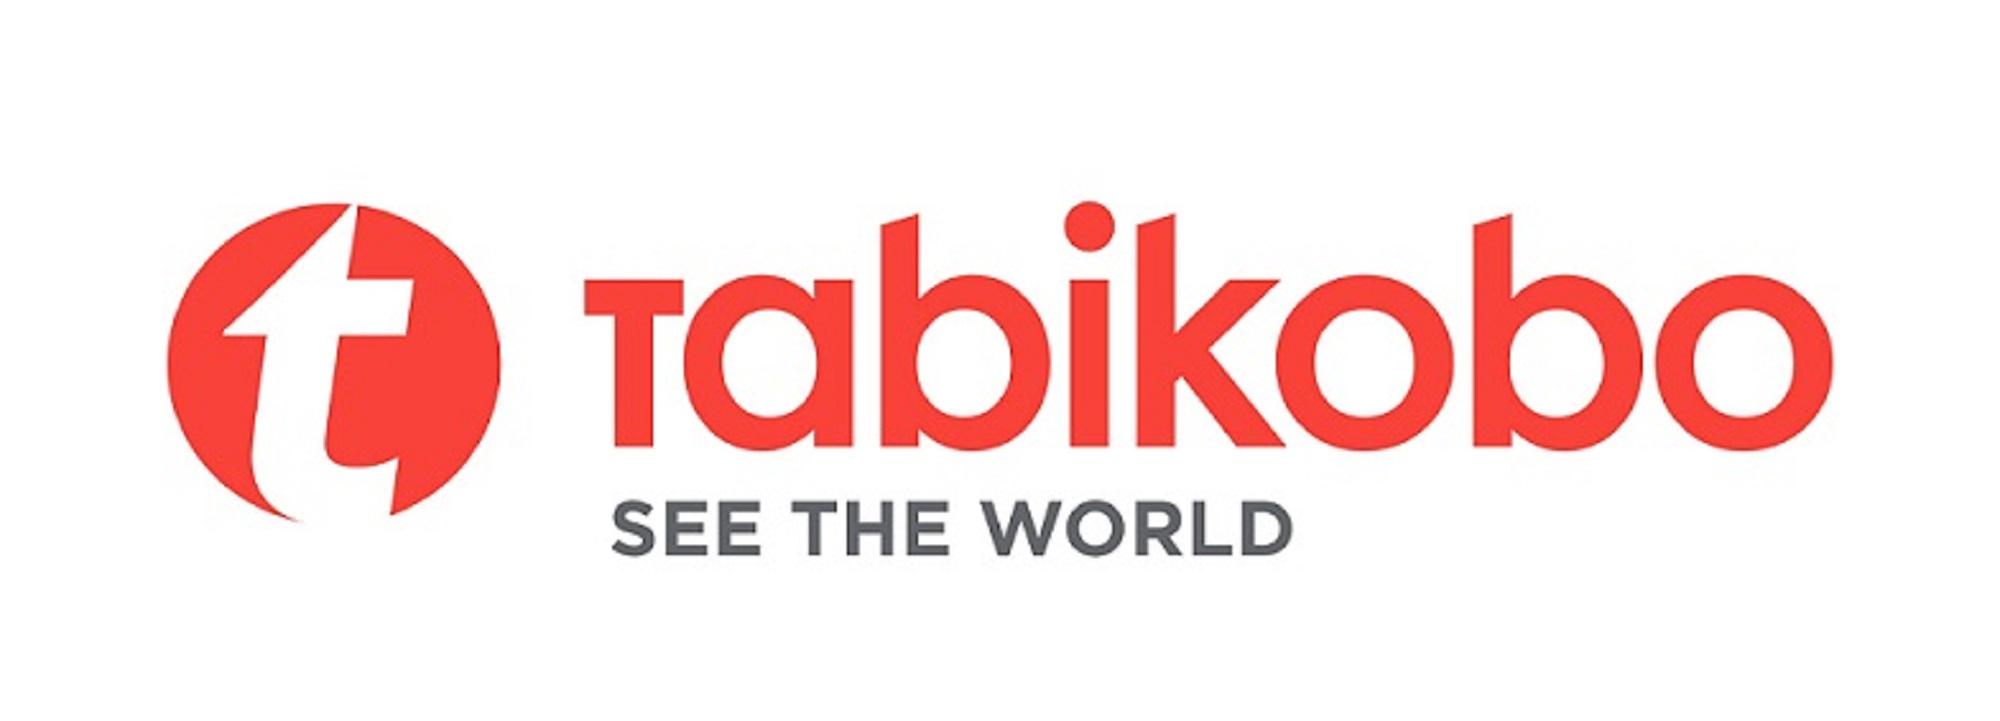 憧れの楽園に行こう!ボラボラ島+タヒチ島6日間 コンラッド